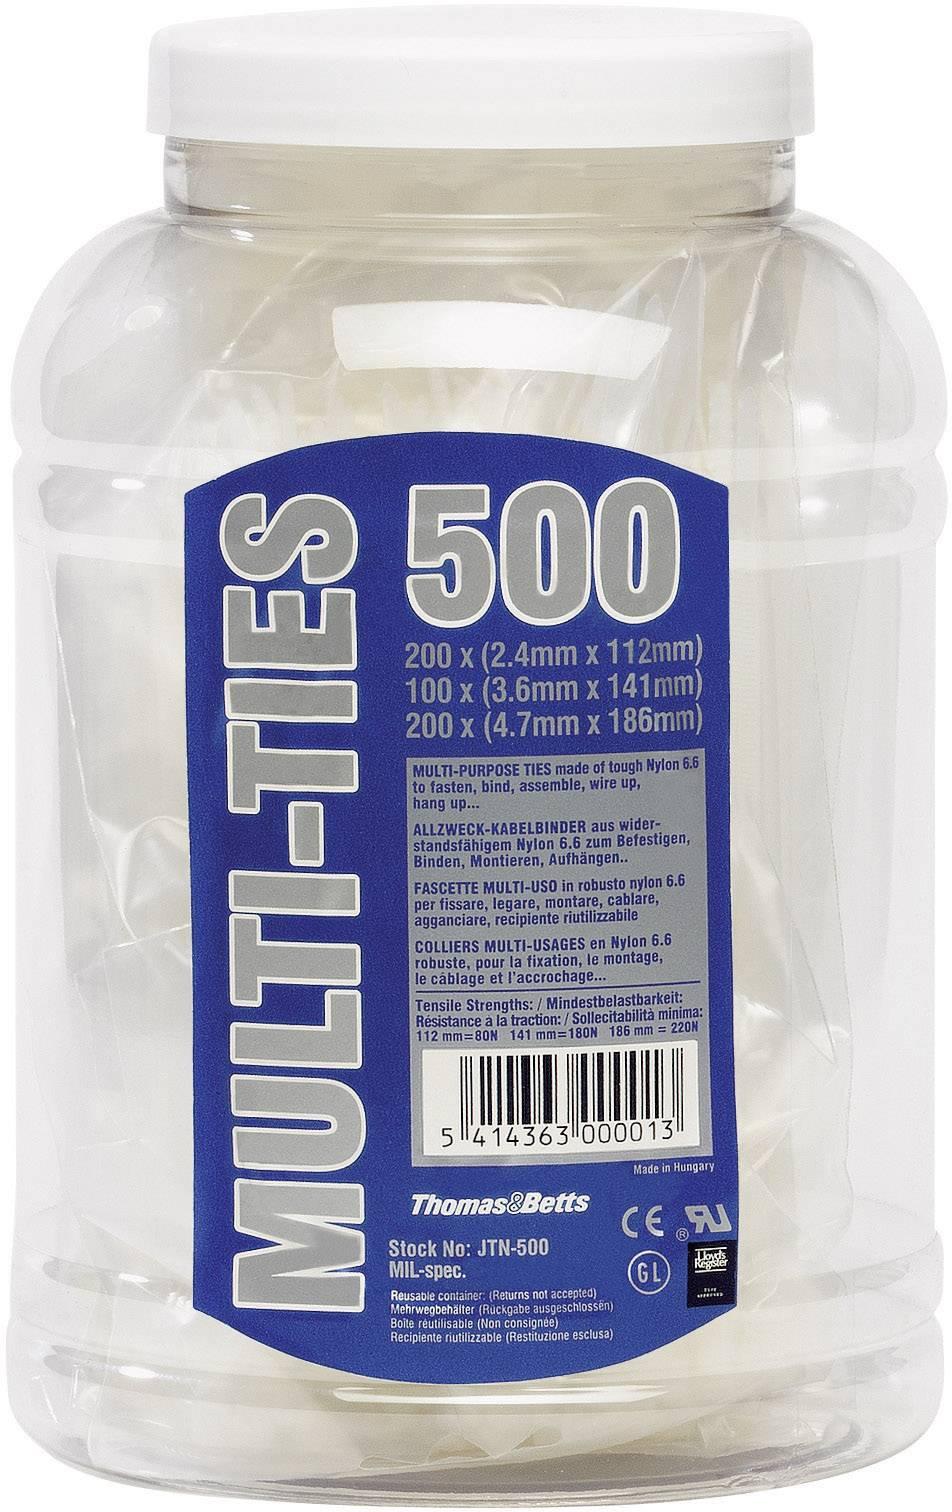 Sada UV odolných stahovacích pásků, Thomas & Betts JTB-500, 500 ks, černá